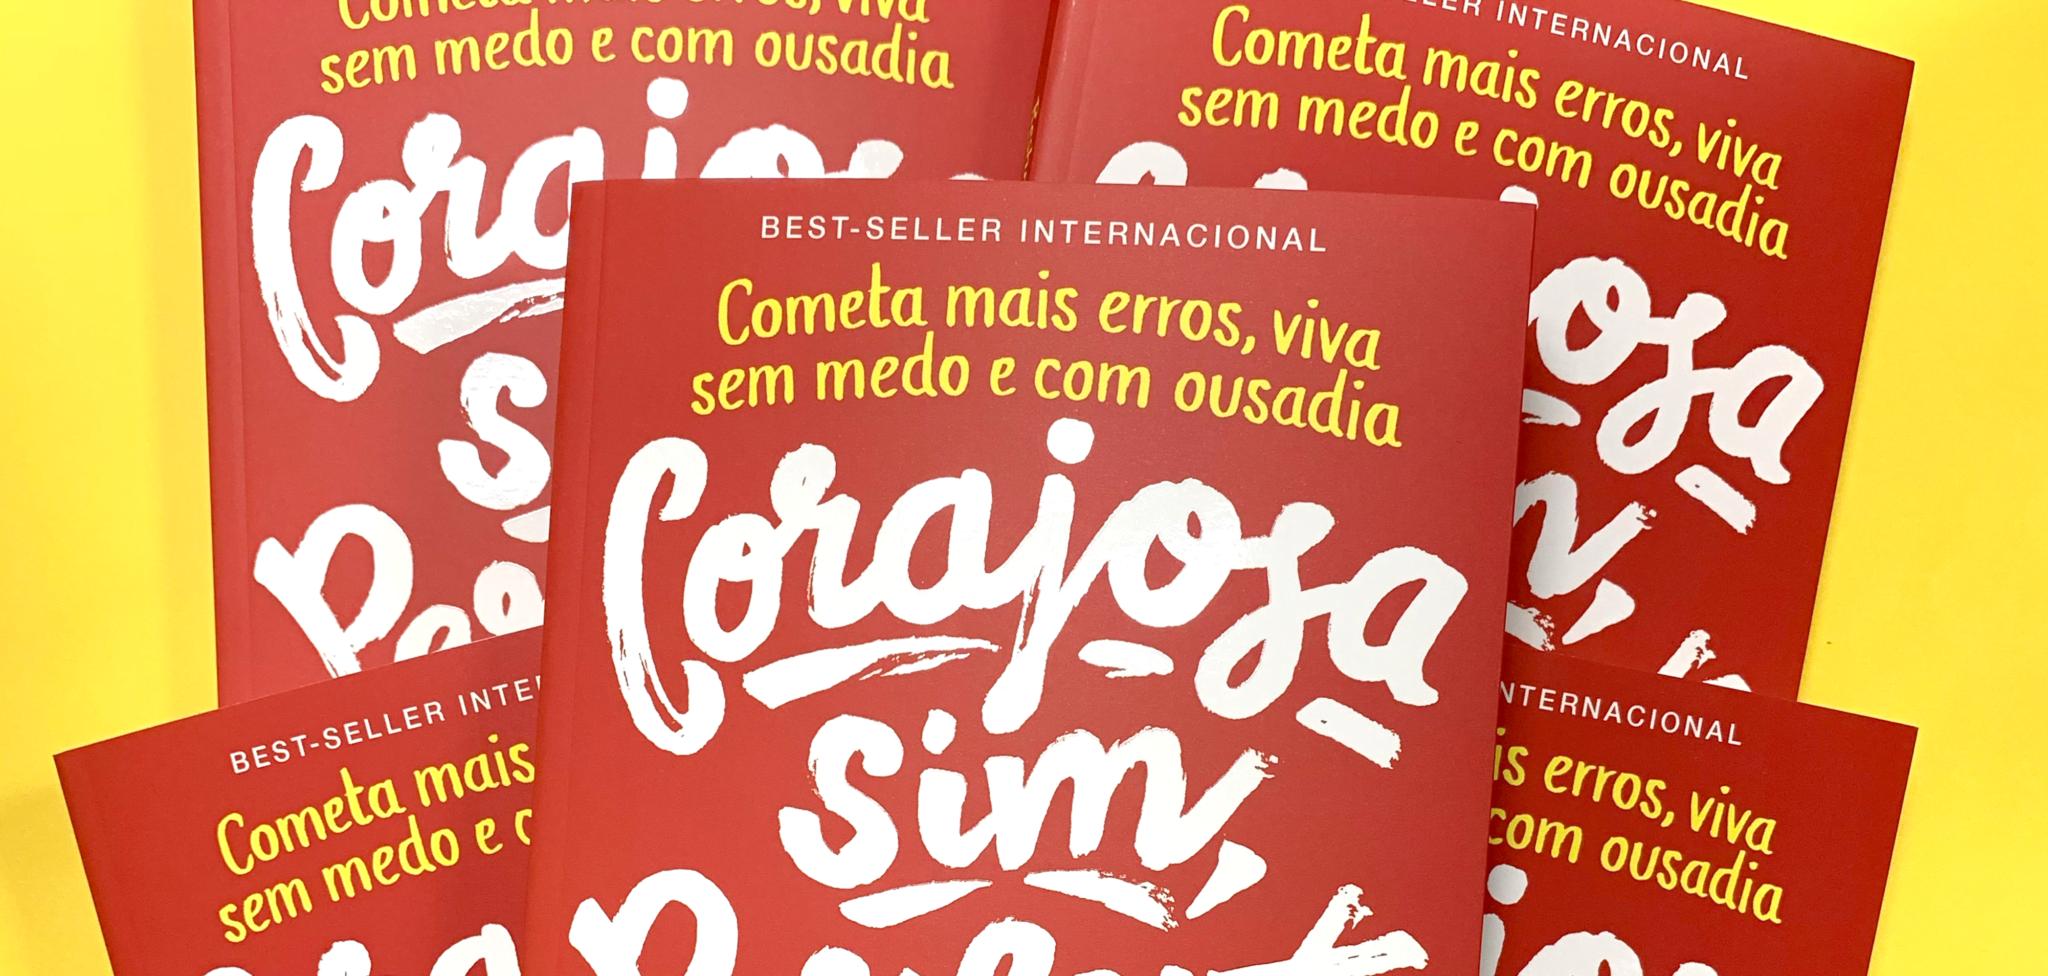 """Concorra ao livro """"Corajosa sim, perfeita não"""", de Reshma Saujani (encerrado)"""